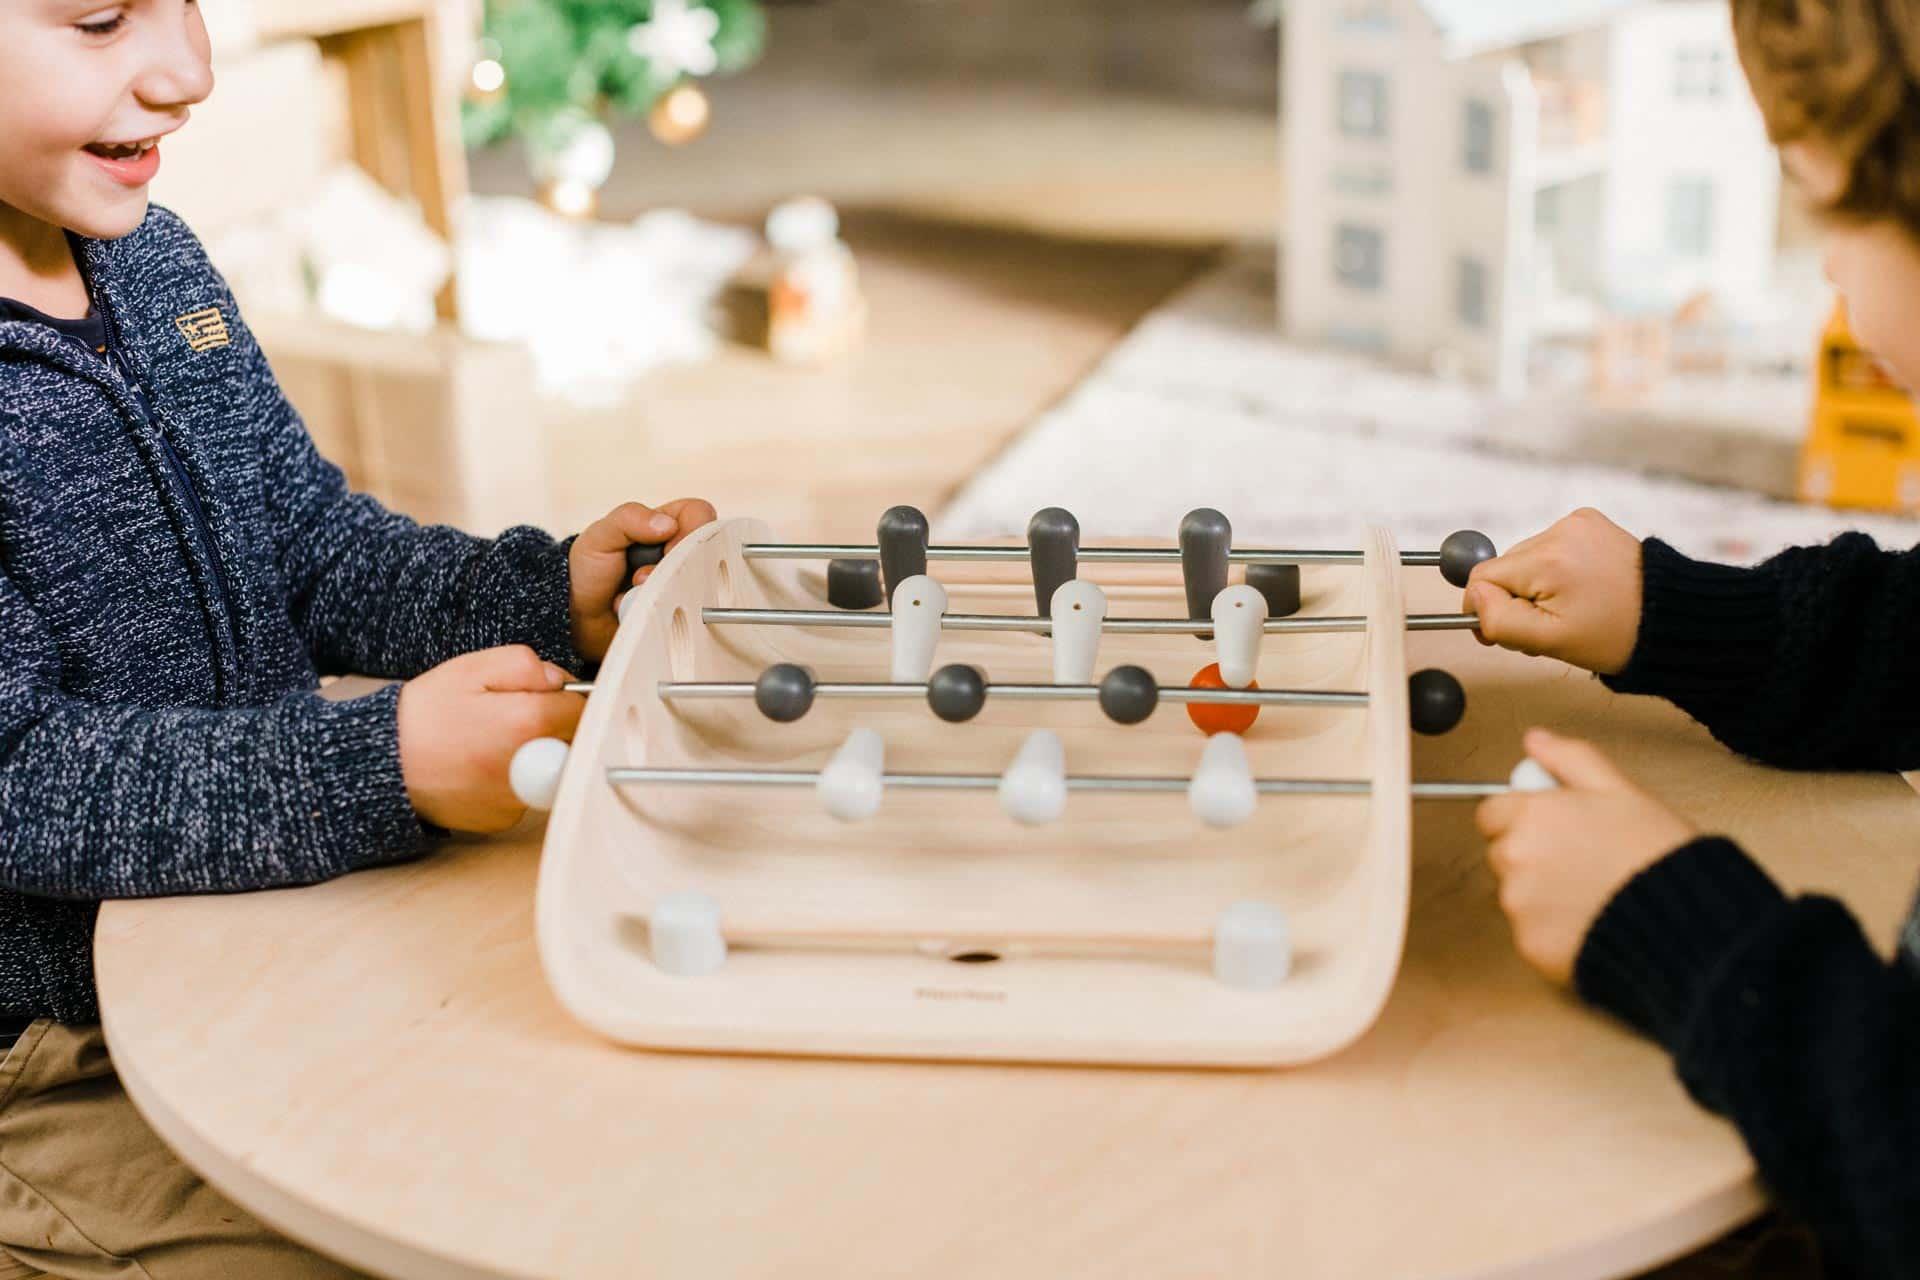 jeu-de-babyfoot-en-bois-pour-enfant-marque-plan-toys